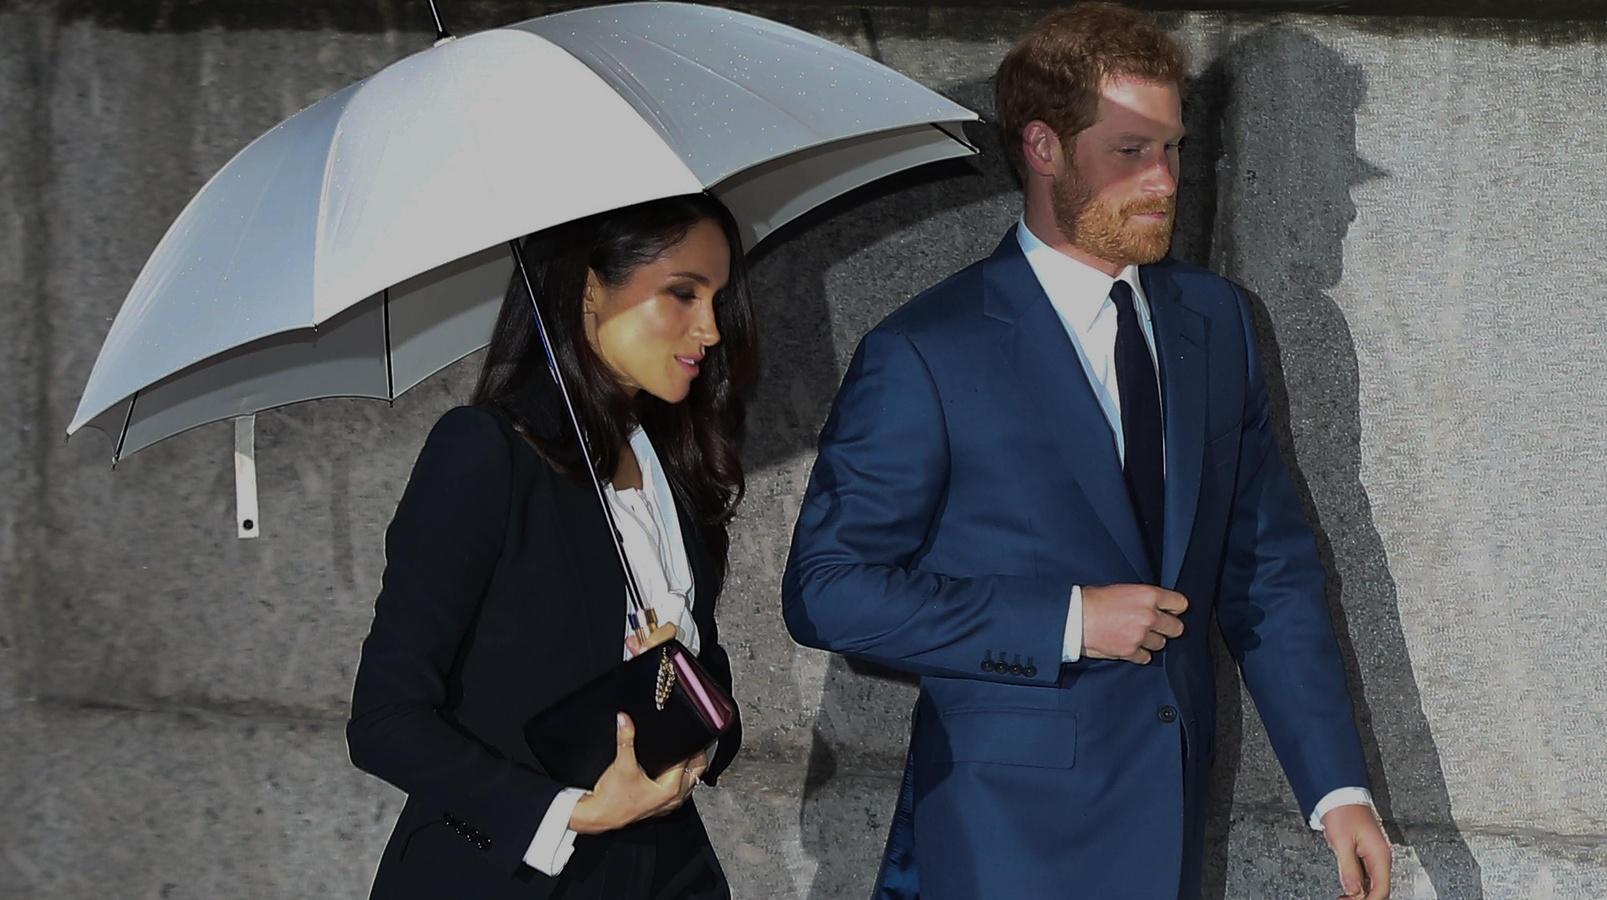 По уши в долгах: Раскрыто финансовое положение принца Гарри и Меган Маркл